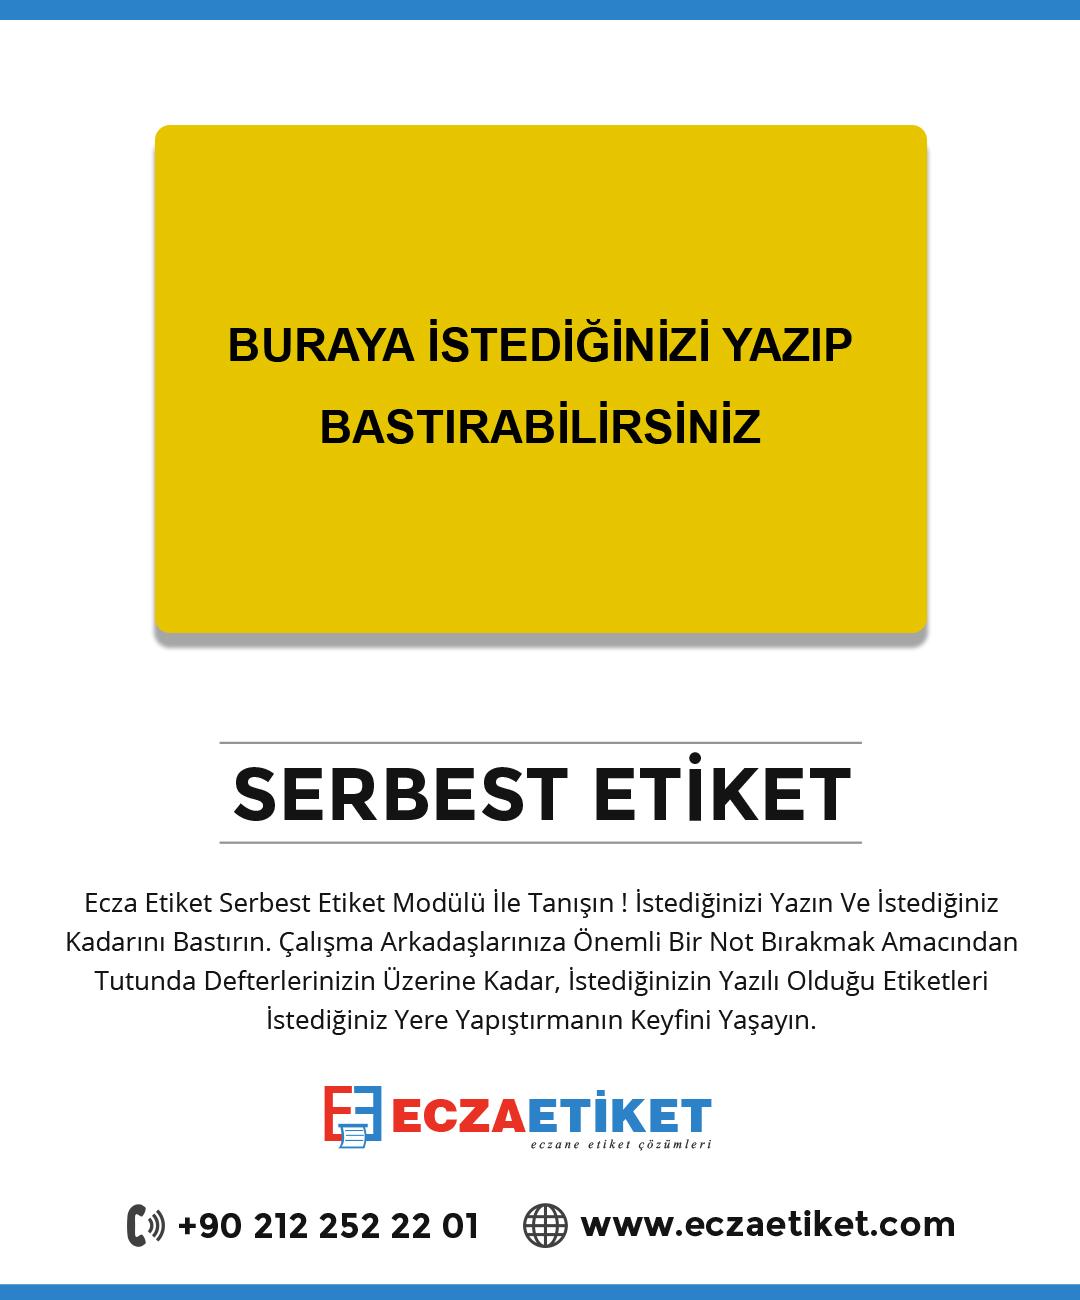 SERBEST-ETİKET.jpg